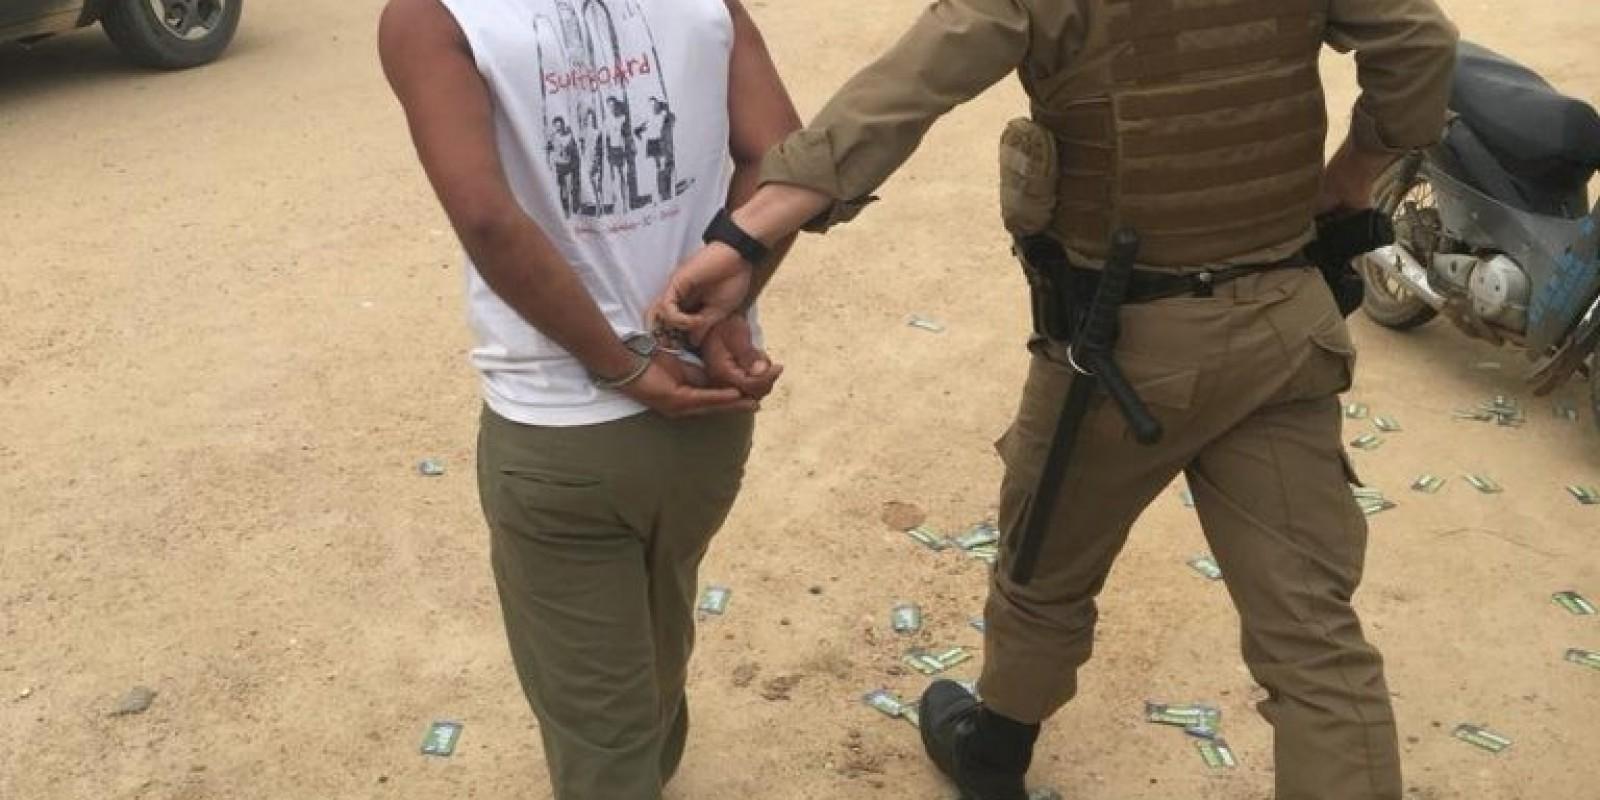 Eleições 2018: Homem quebra urna com marreta em Morro da Fumaça